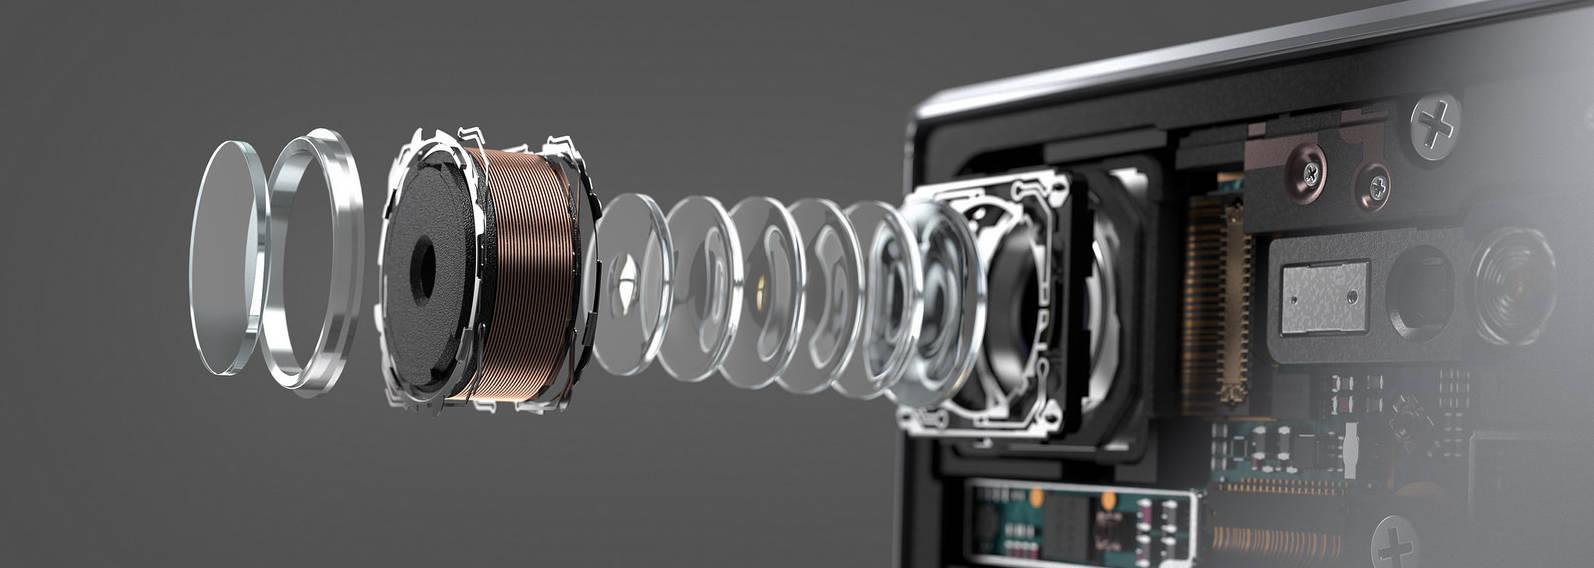 Sony Xperia XZ Premium камера